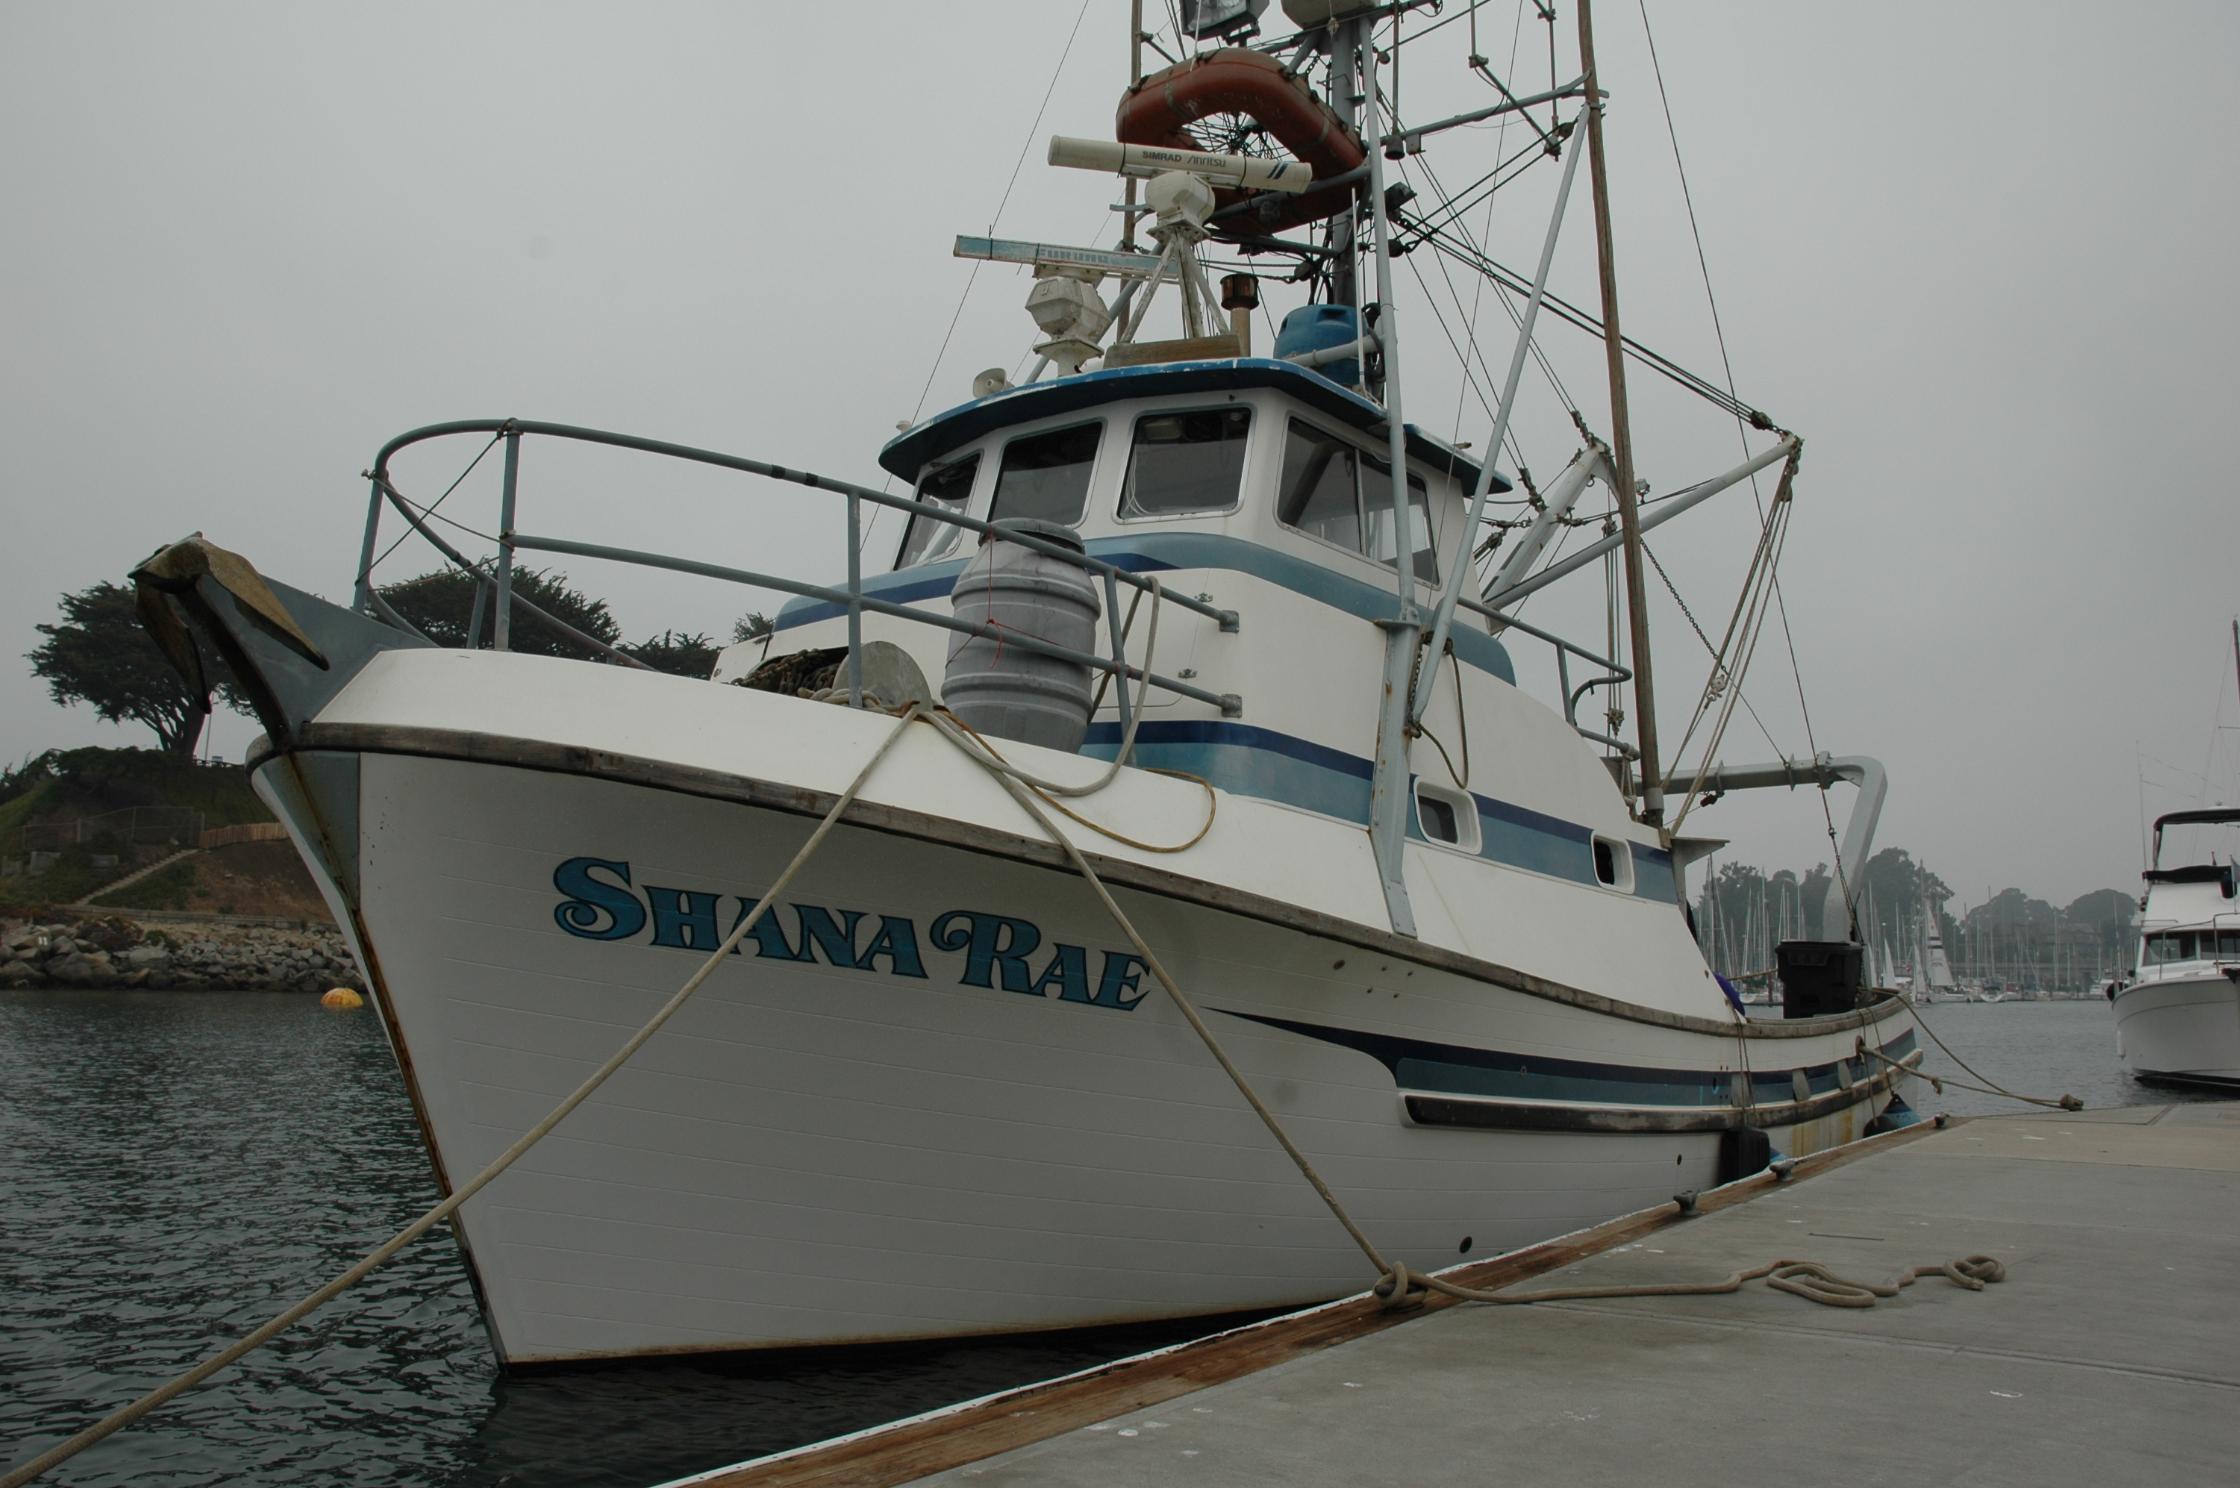 Shana Rae Santa Cruz Harbor